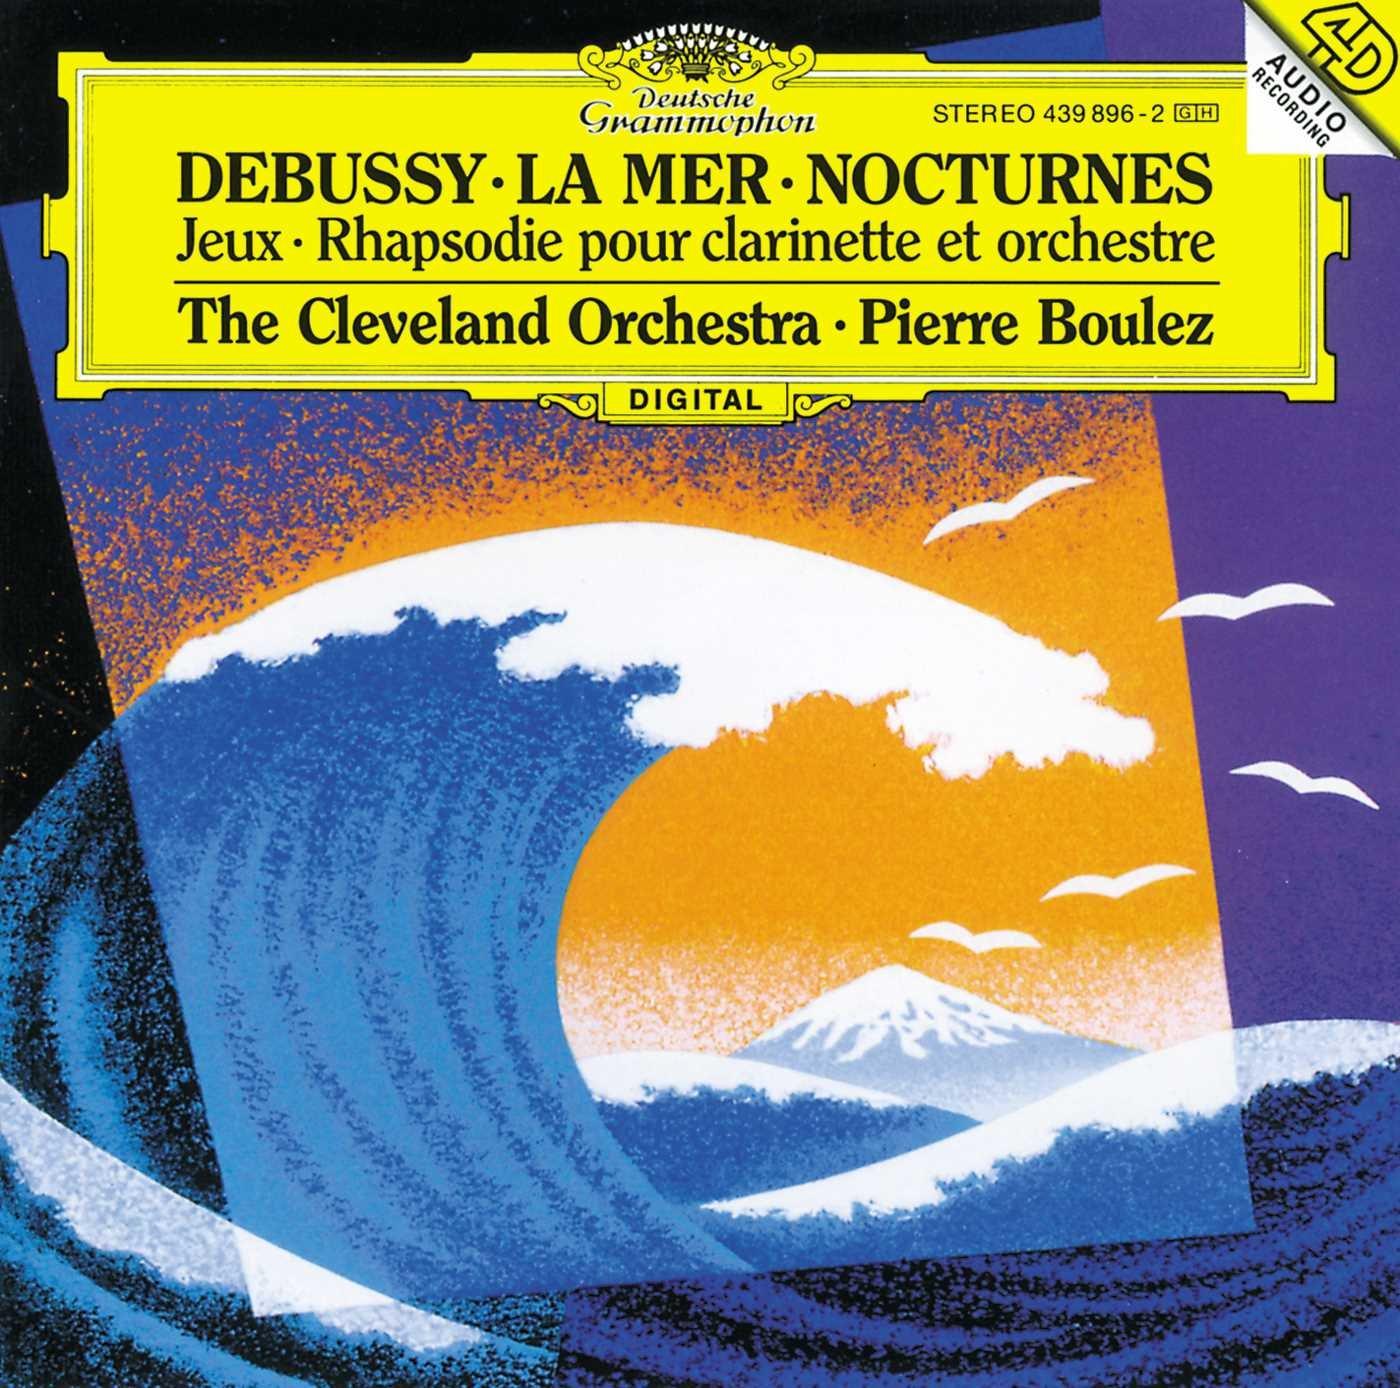 Debussy: La Mer / Nocturnes / Jeux / Rhapsodie pour Clarinette et Orchestre by Deutsche Grammophon